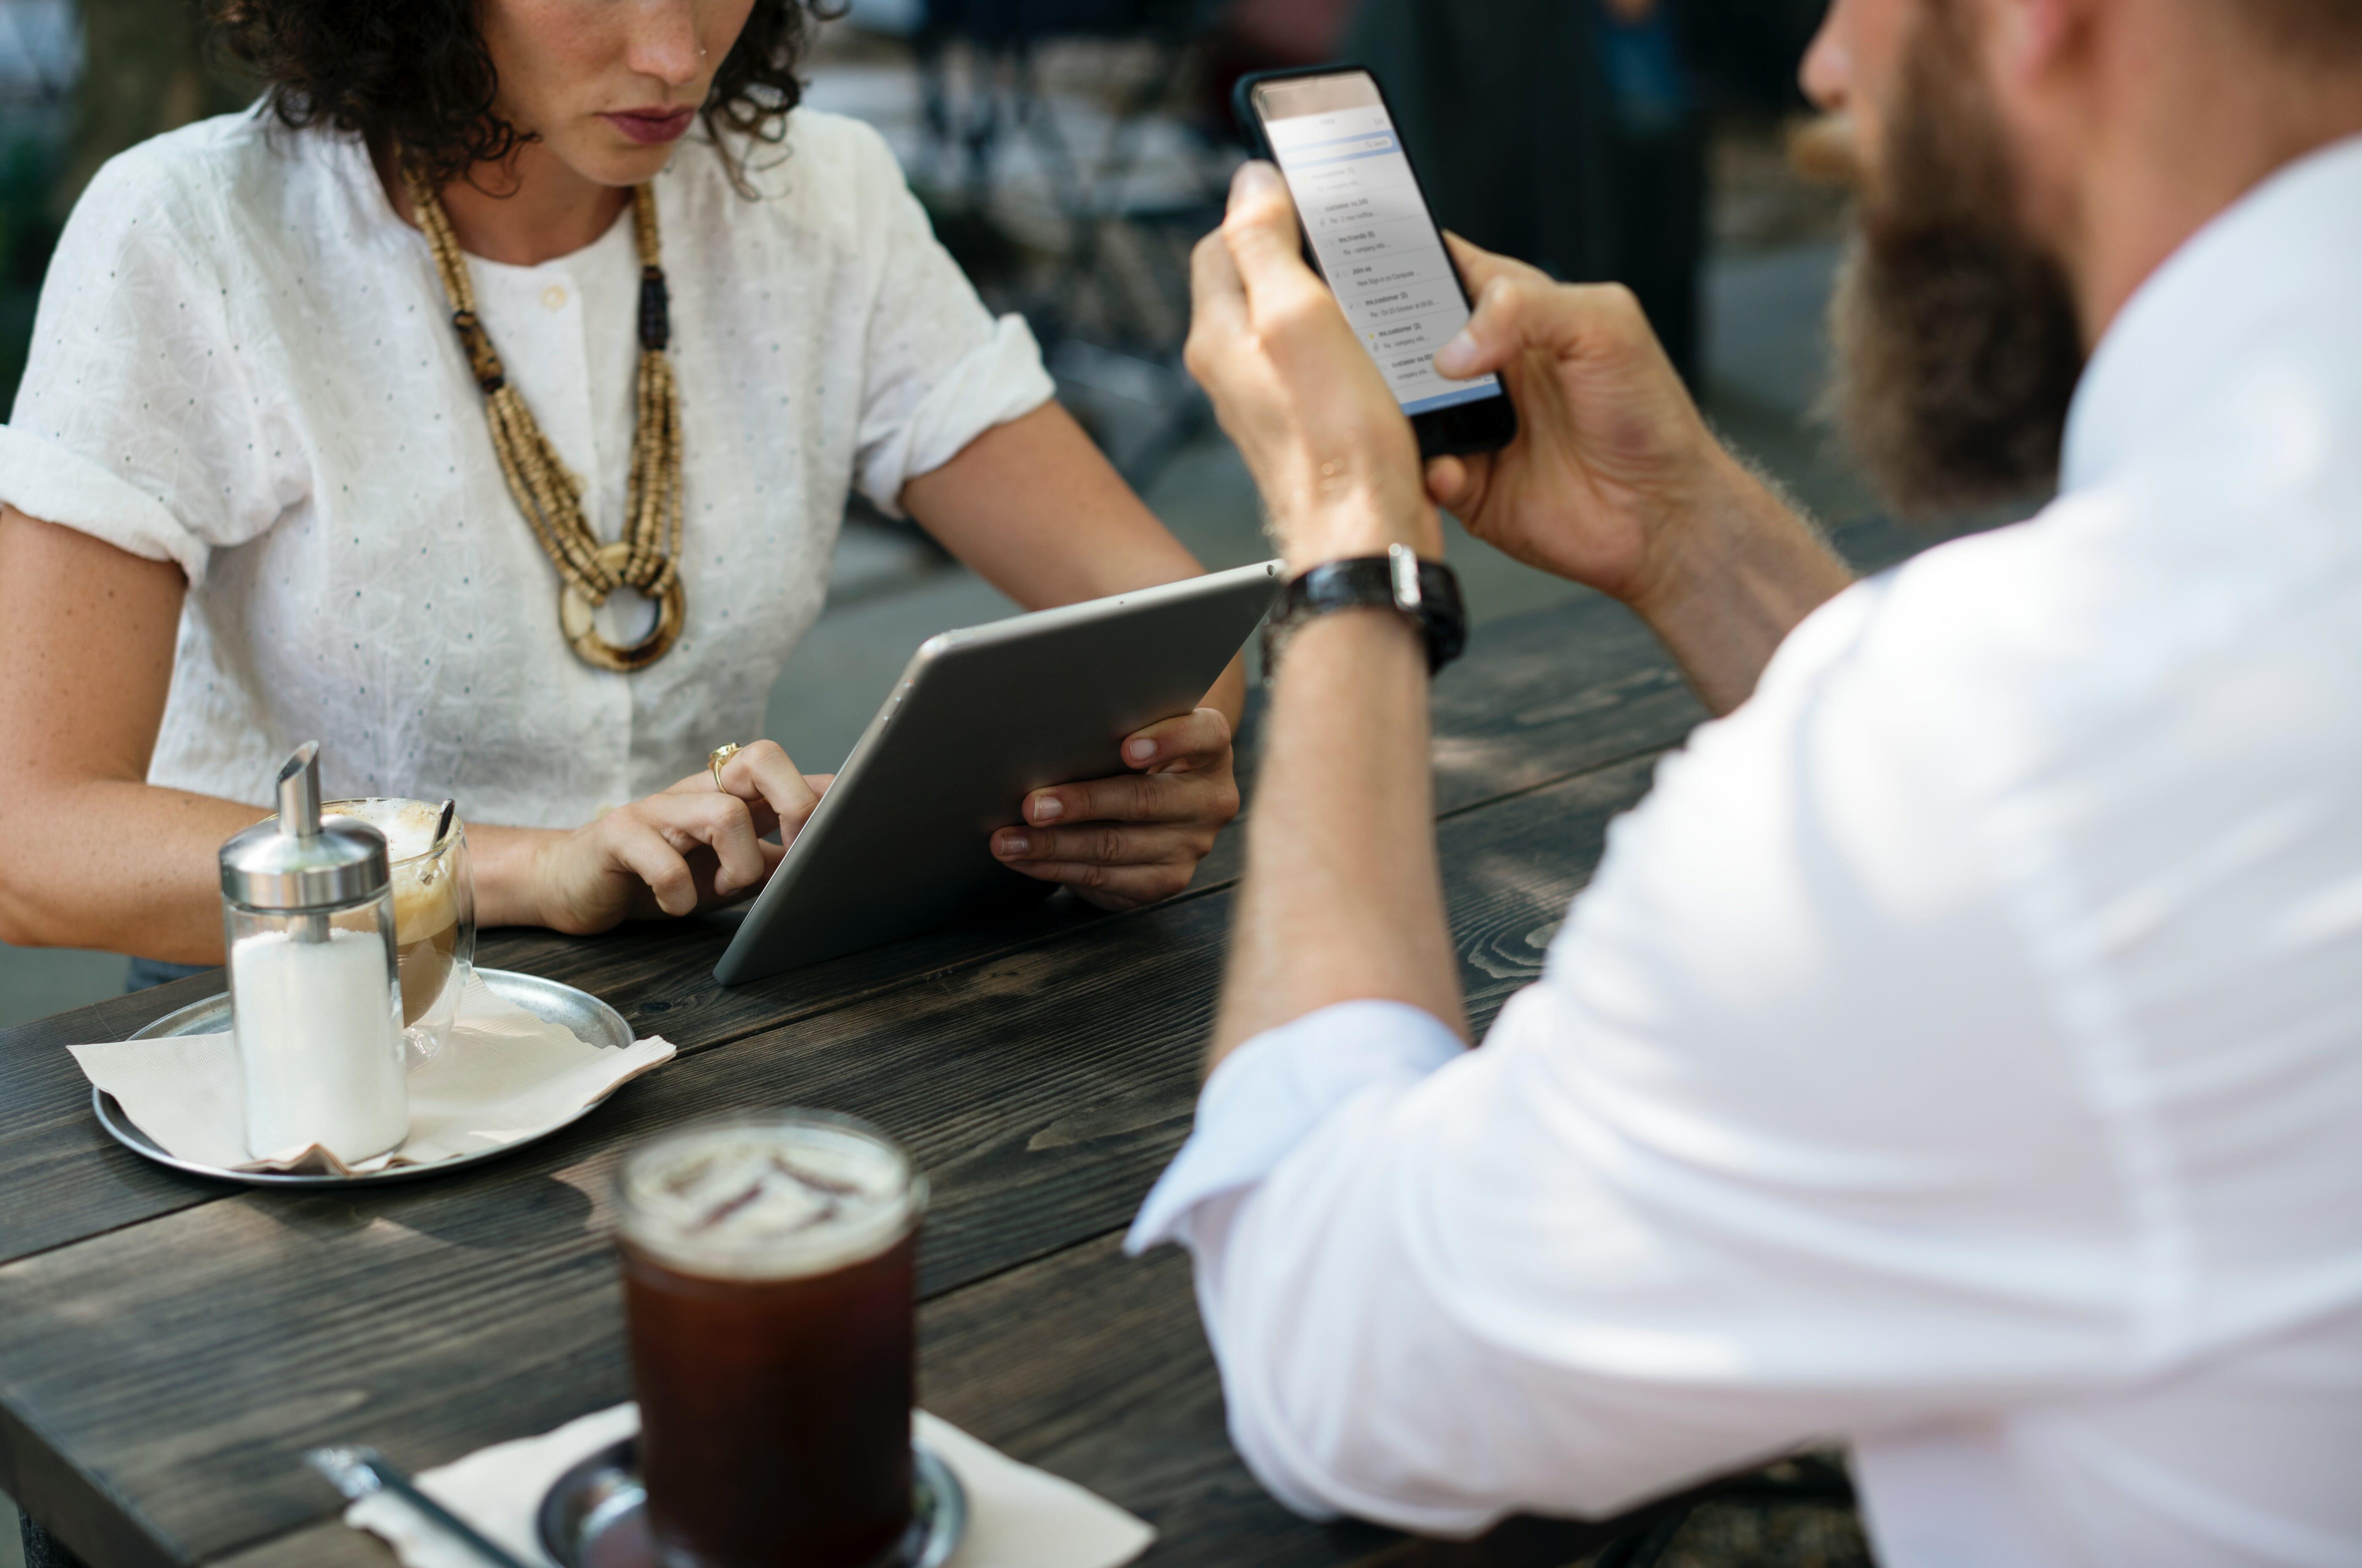 rawpixel 369788 unsplash - 6 alternativas a Klout para evaluar la influencia en redes sociales